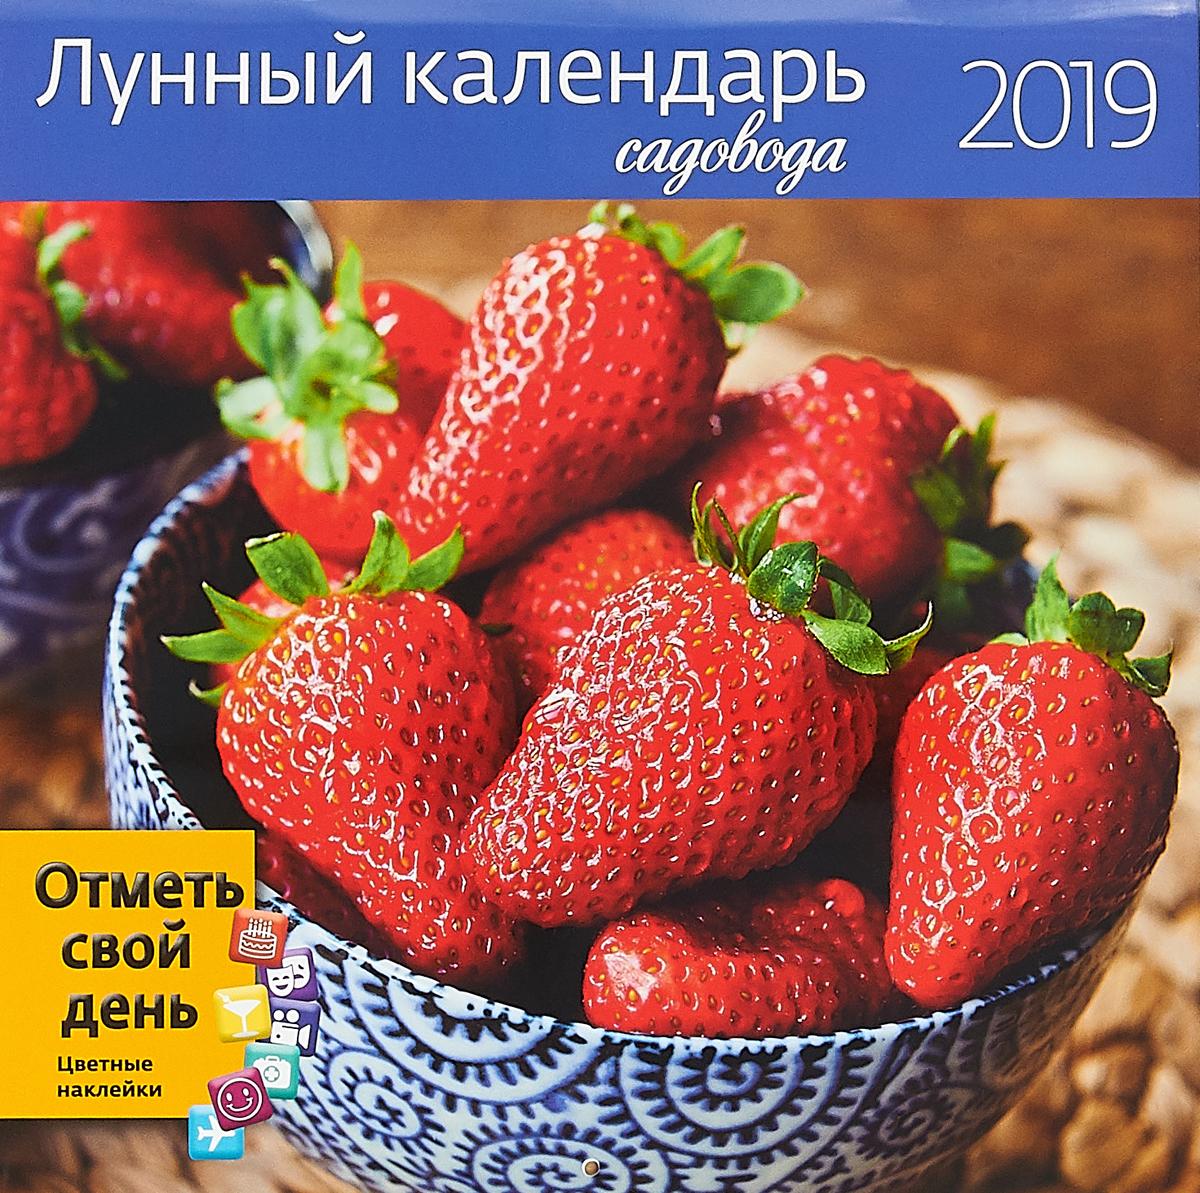 Календарь-органайзер 2019. Лунный календарь садовода